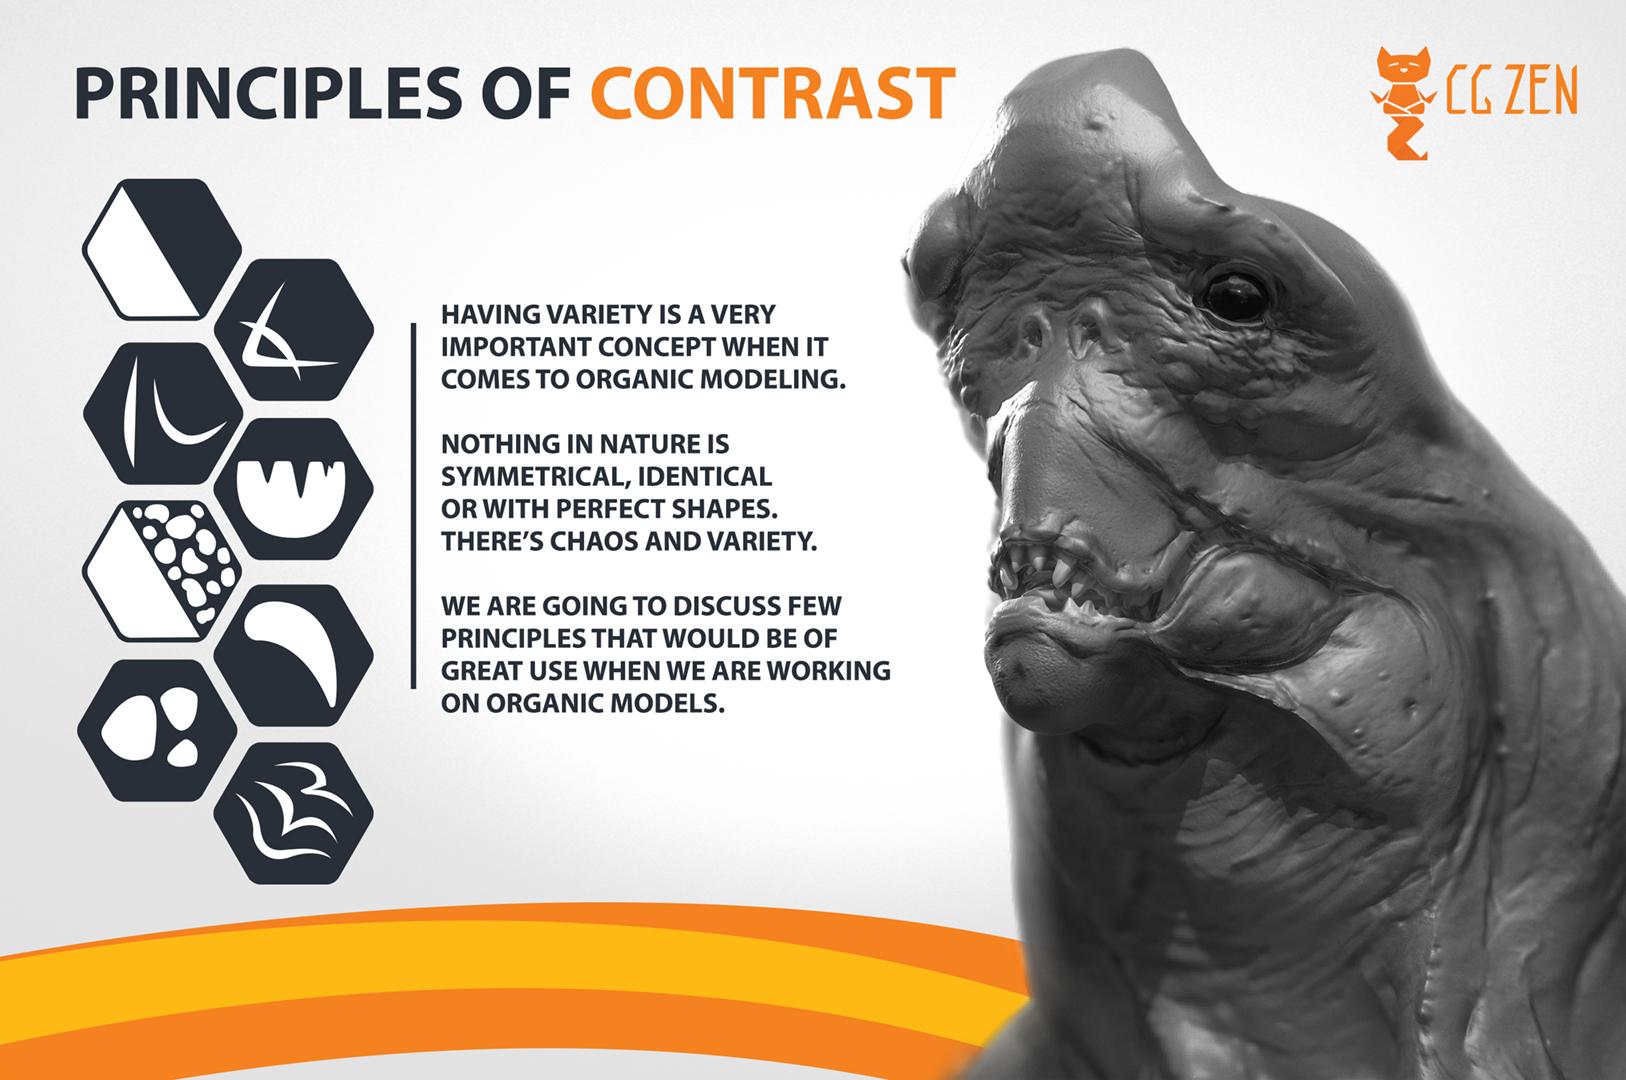 01-contrast-design-creature-character-models-cgzen-EN